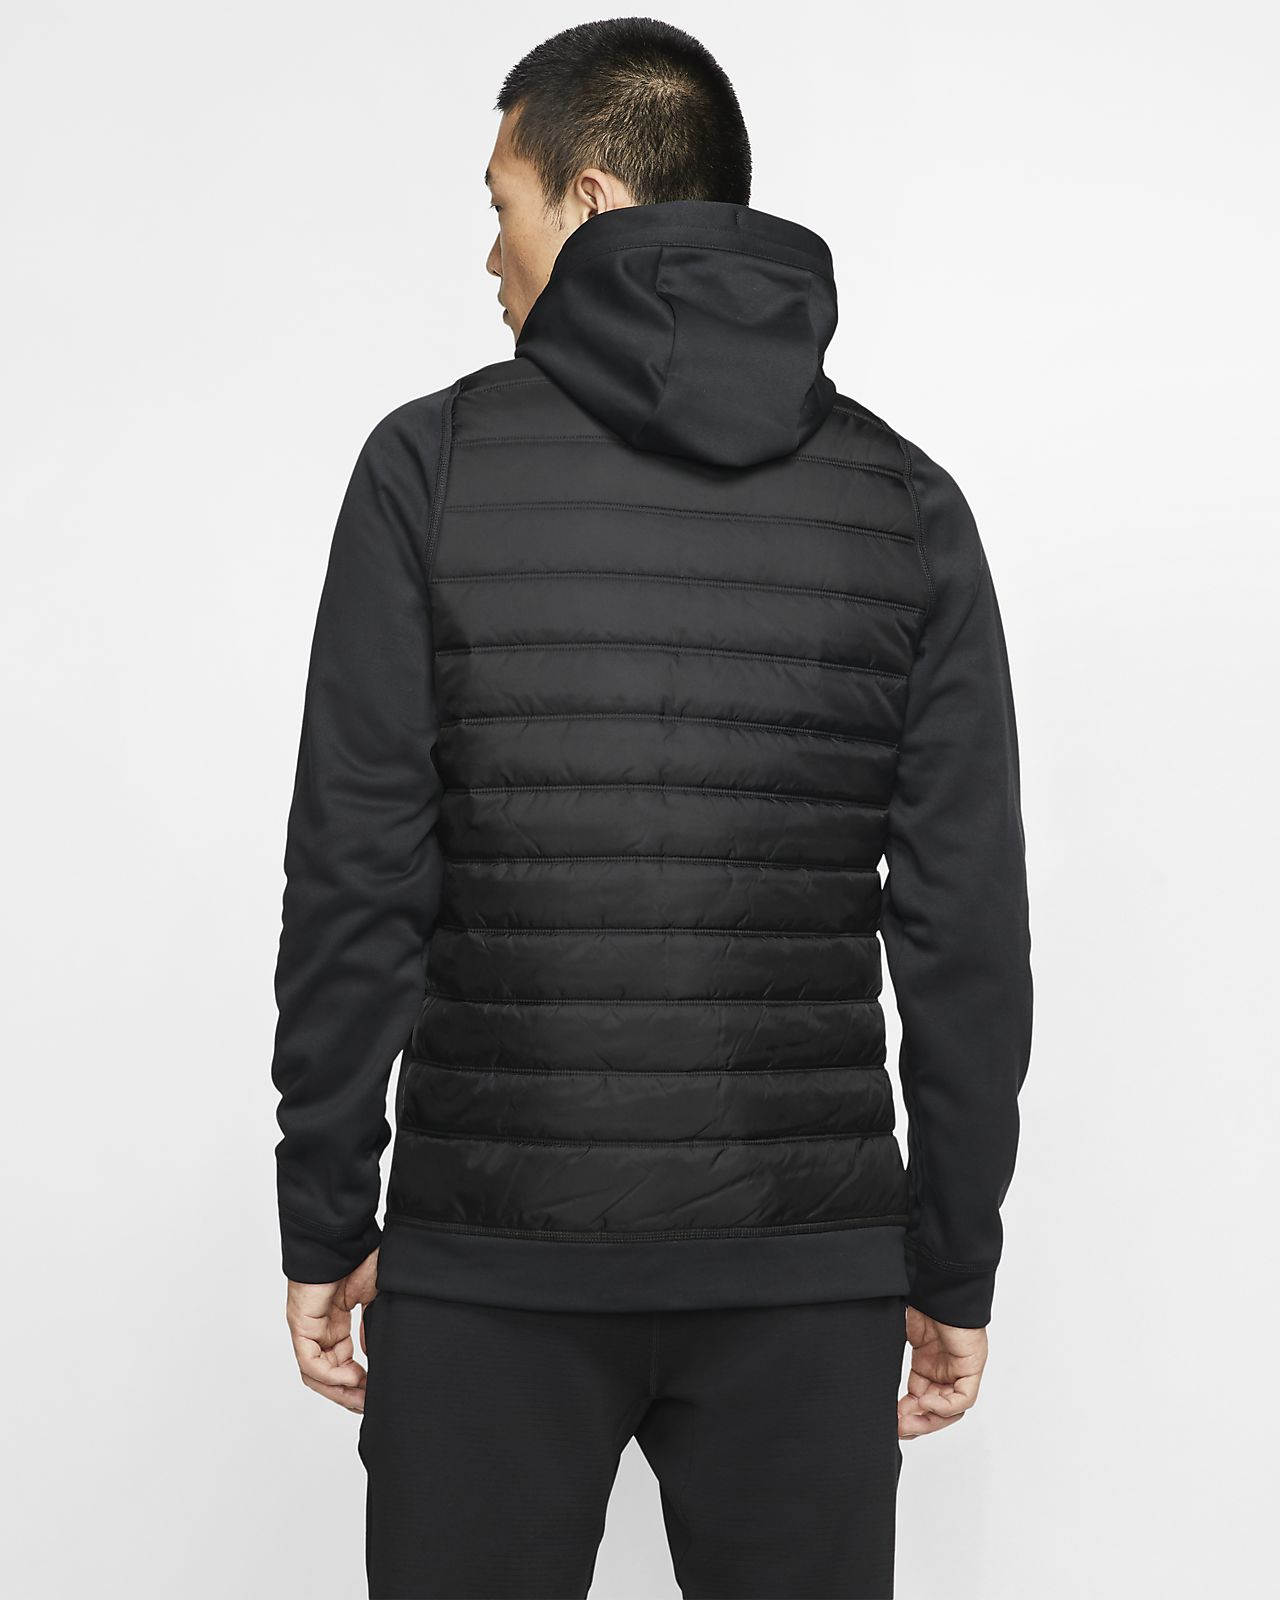 $120 Nike Therma Winterized Full-Zip Hoodie Athletic Jacket Sport Gym Sz M Black